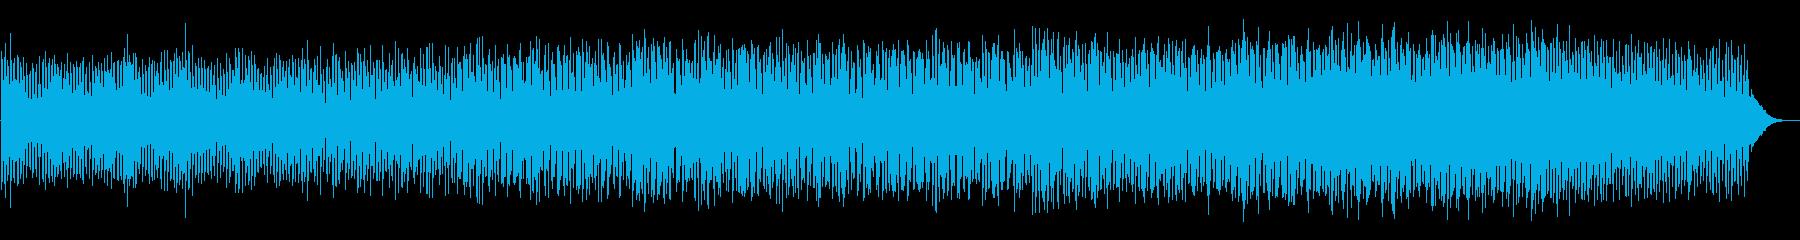 緊迫感を盛り上げるミニマルテクノの再生済みの波形